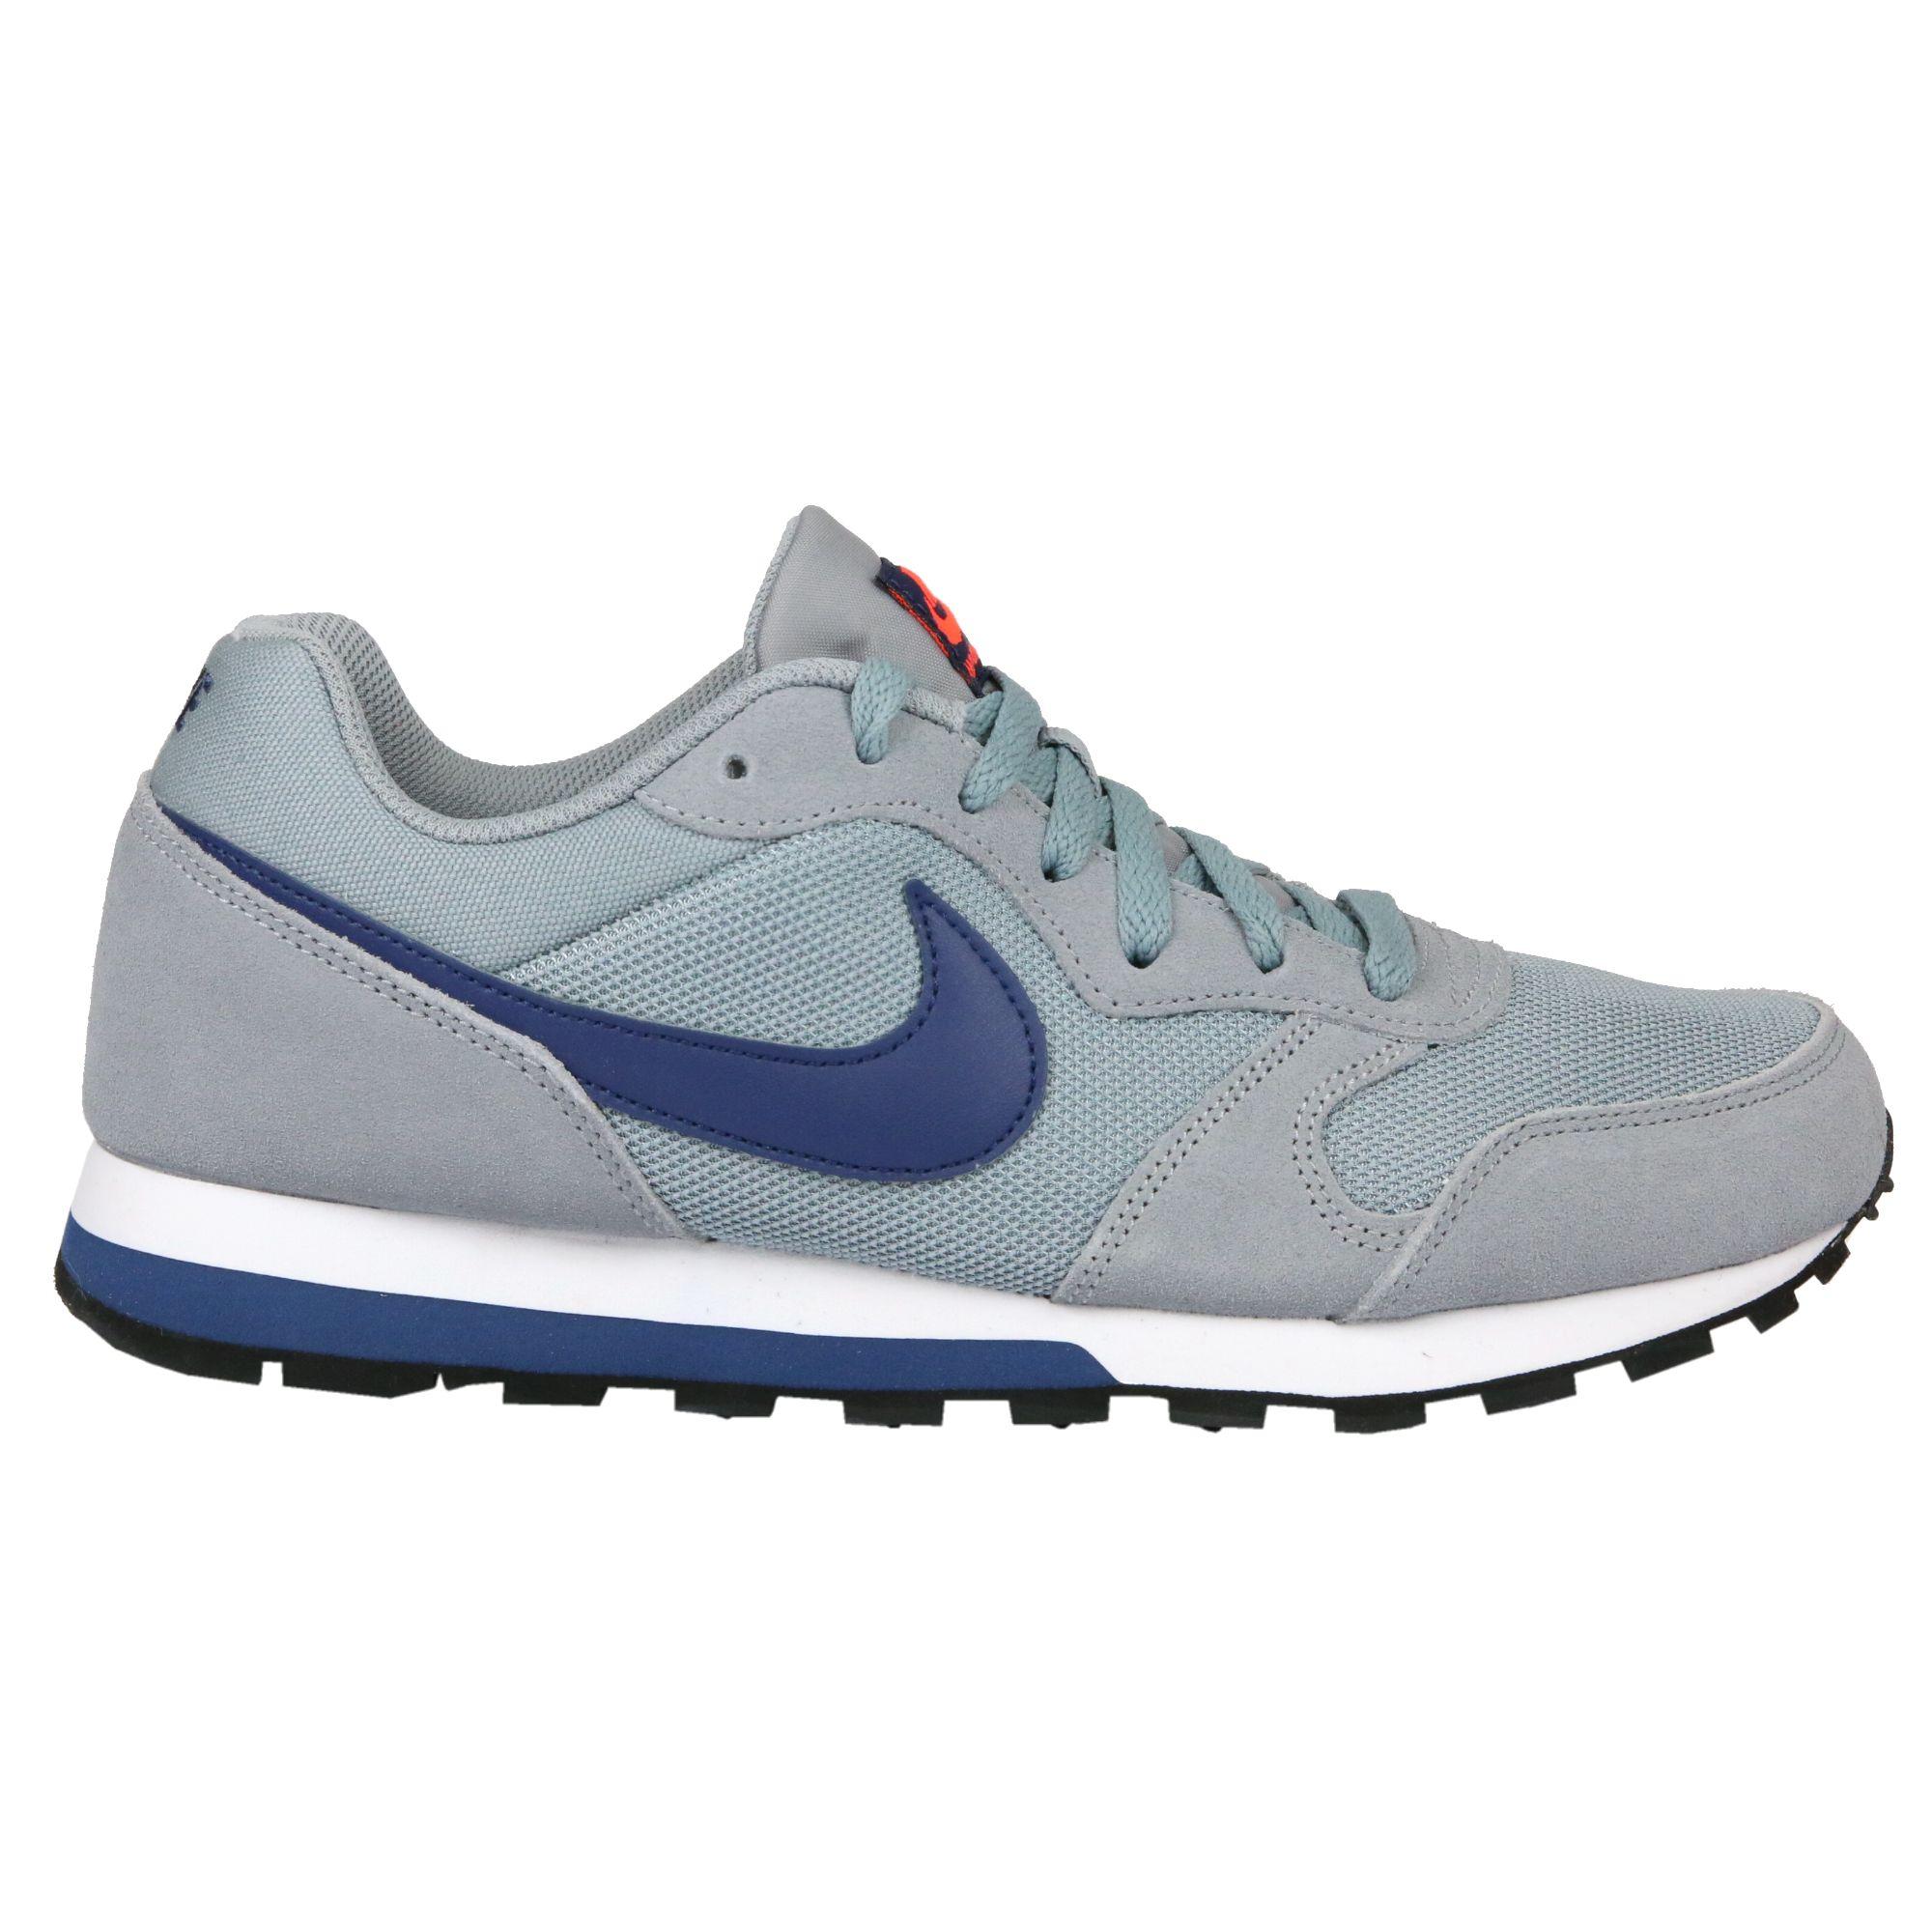 Nike MD Runner 2 Schuhe Sneaker Turnschuhe Herren